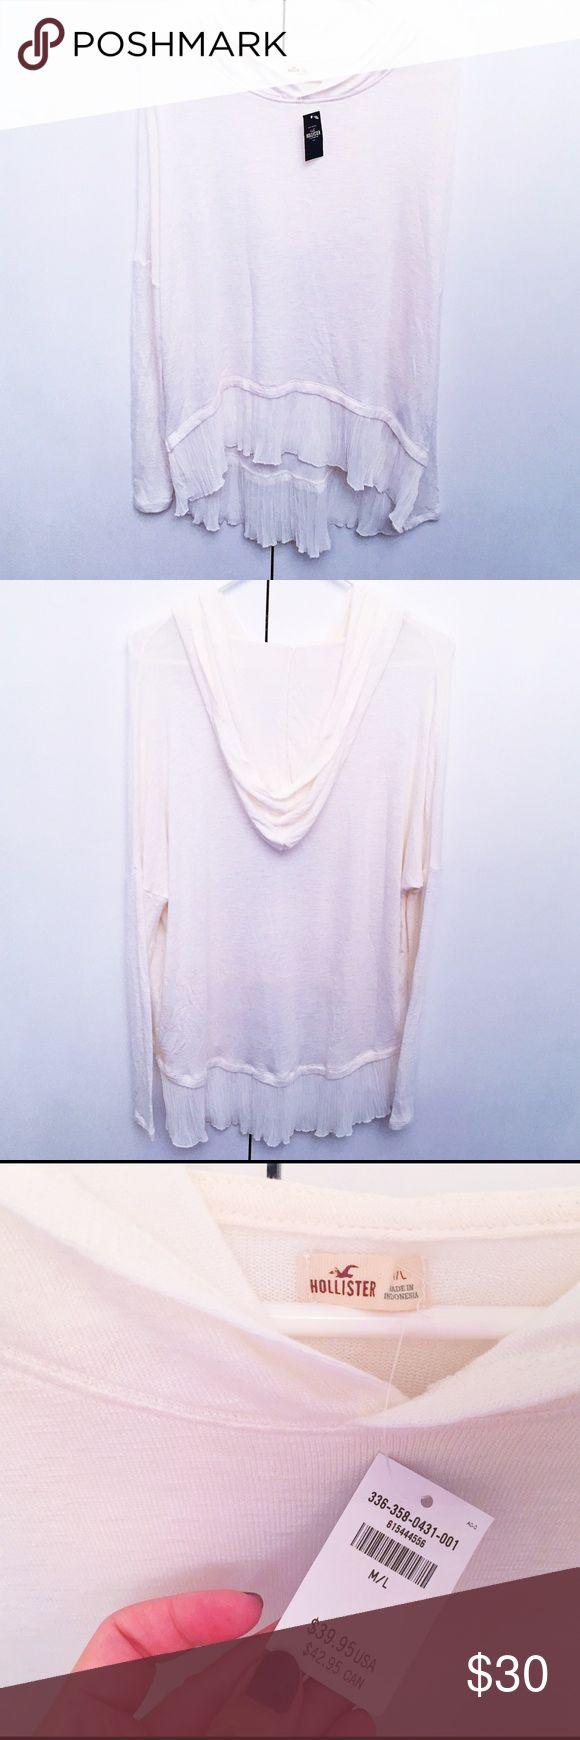 Best 10+ Cream hoodies ideas on Pinterest   Crop top hoodie, Grey ...